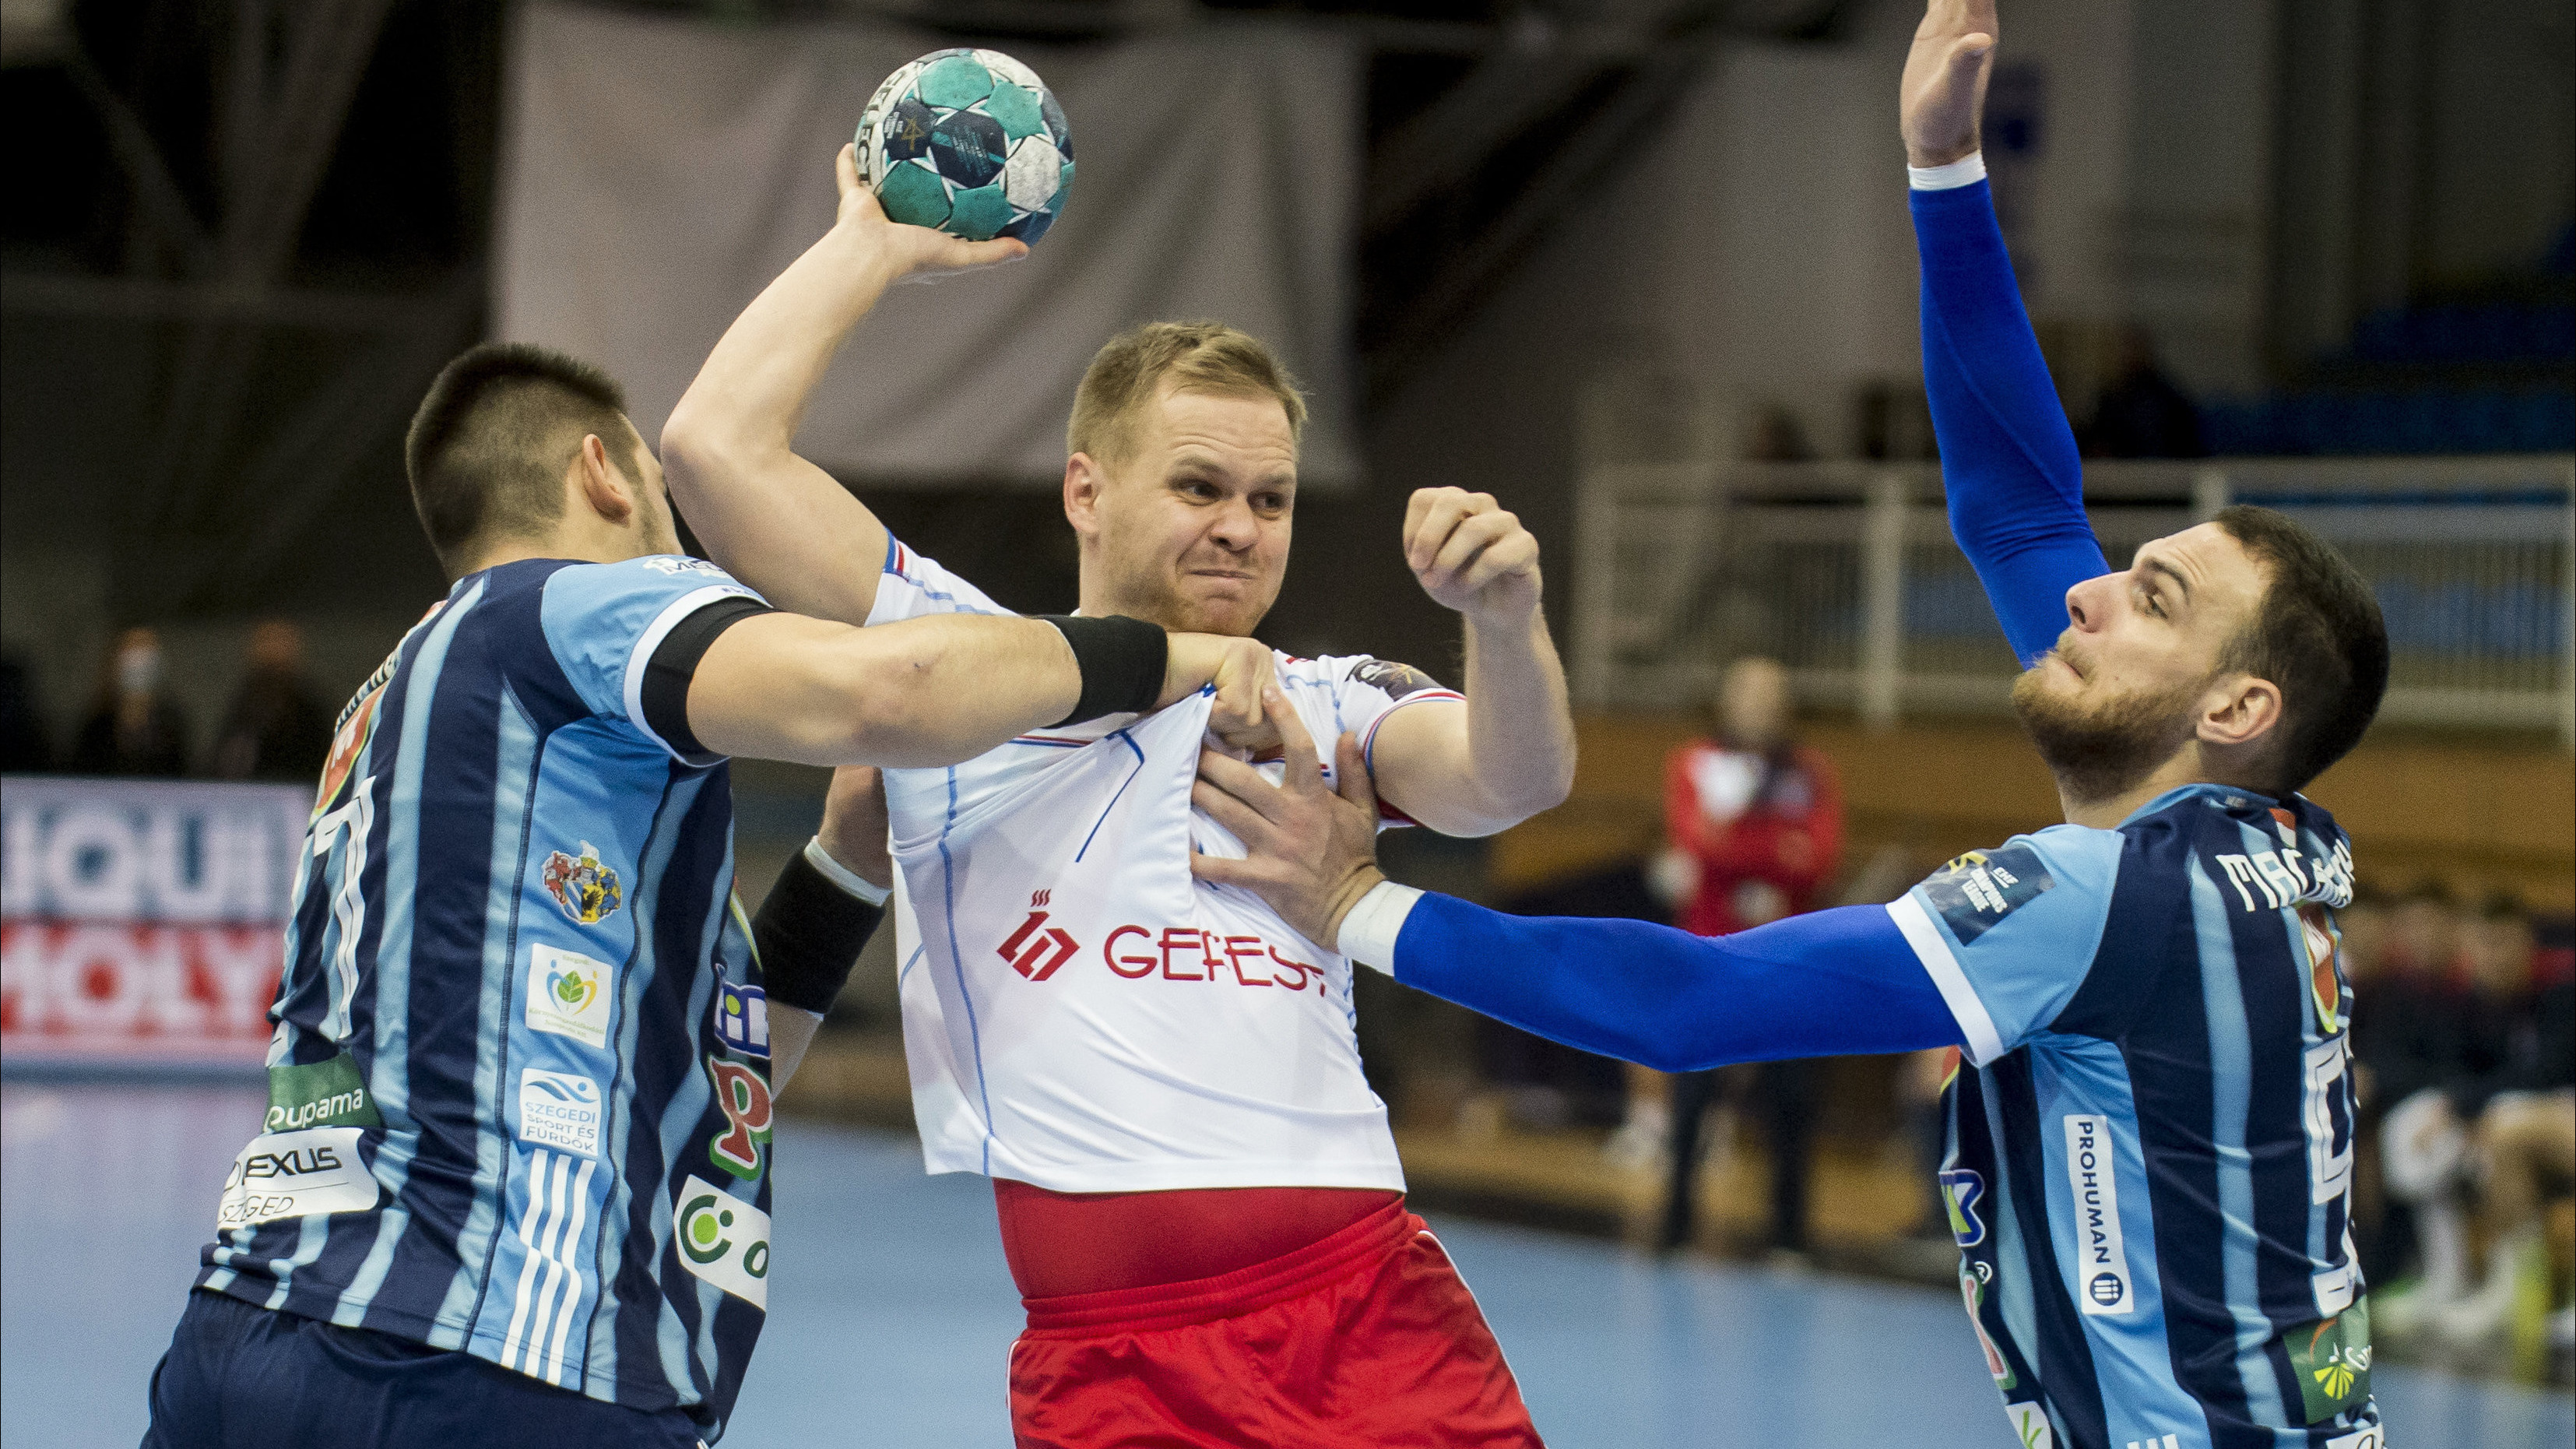 Győzött a Szeged, kikapott a Tatabánya